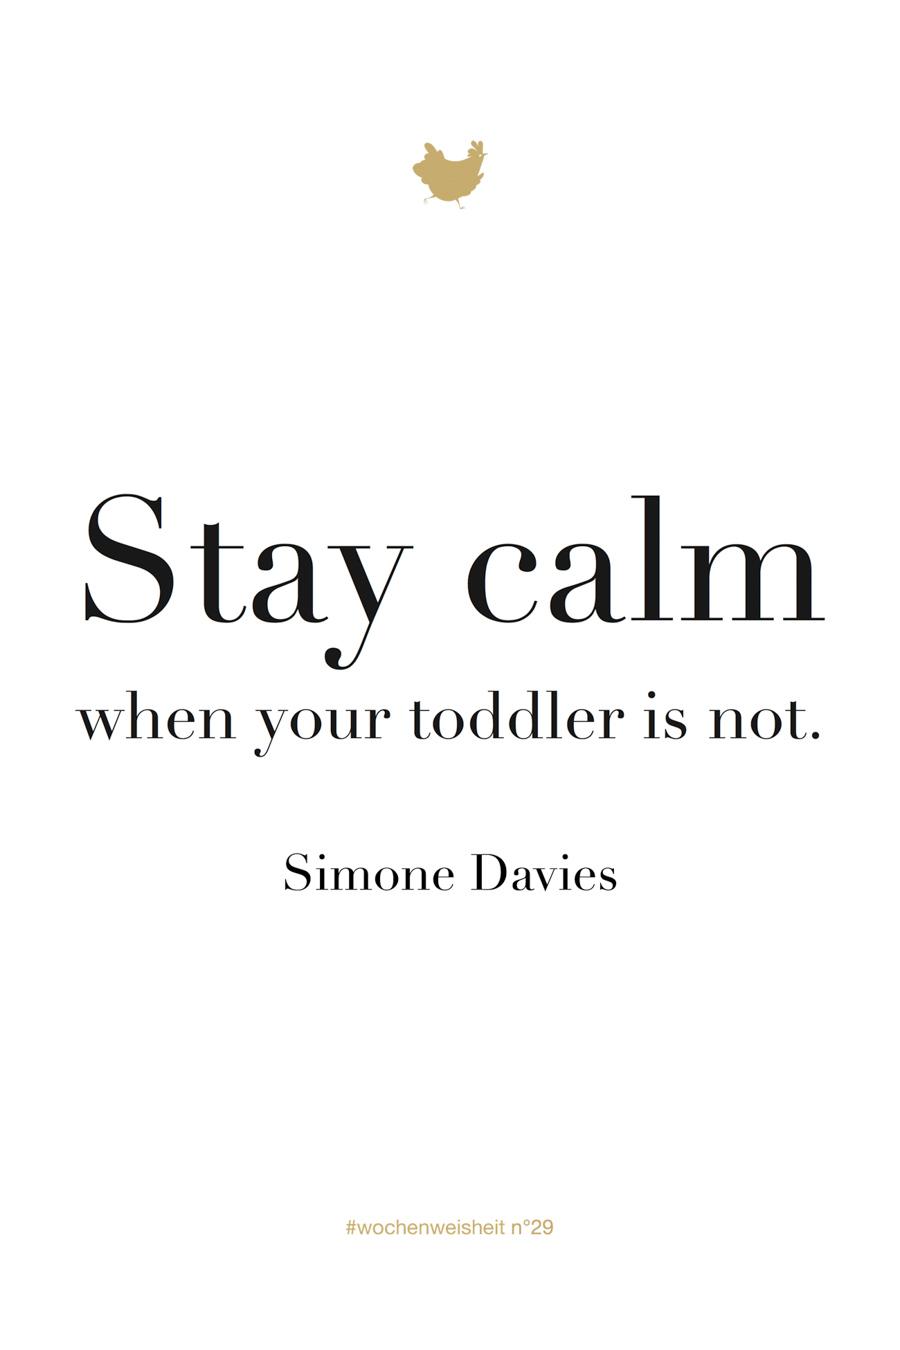 Wochenweisheit-Chez_Mama_Poule-Simone_Davies-Stay_calm